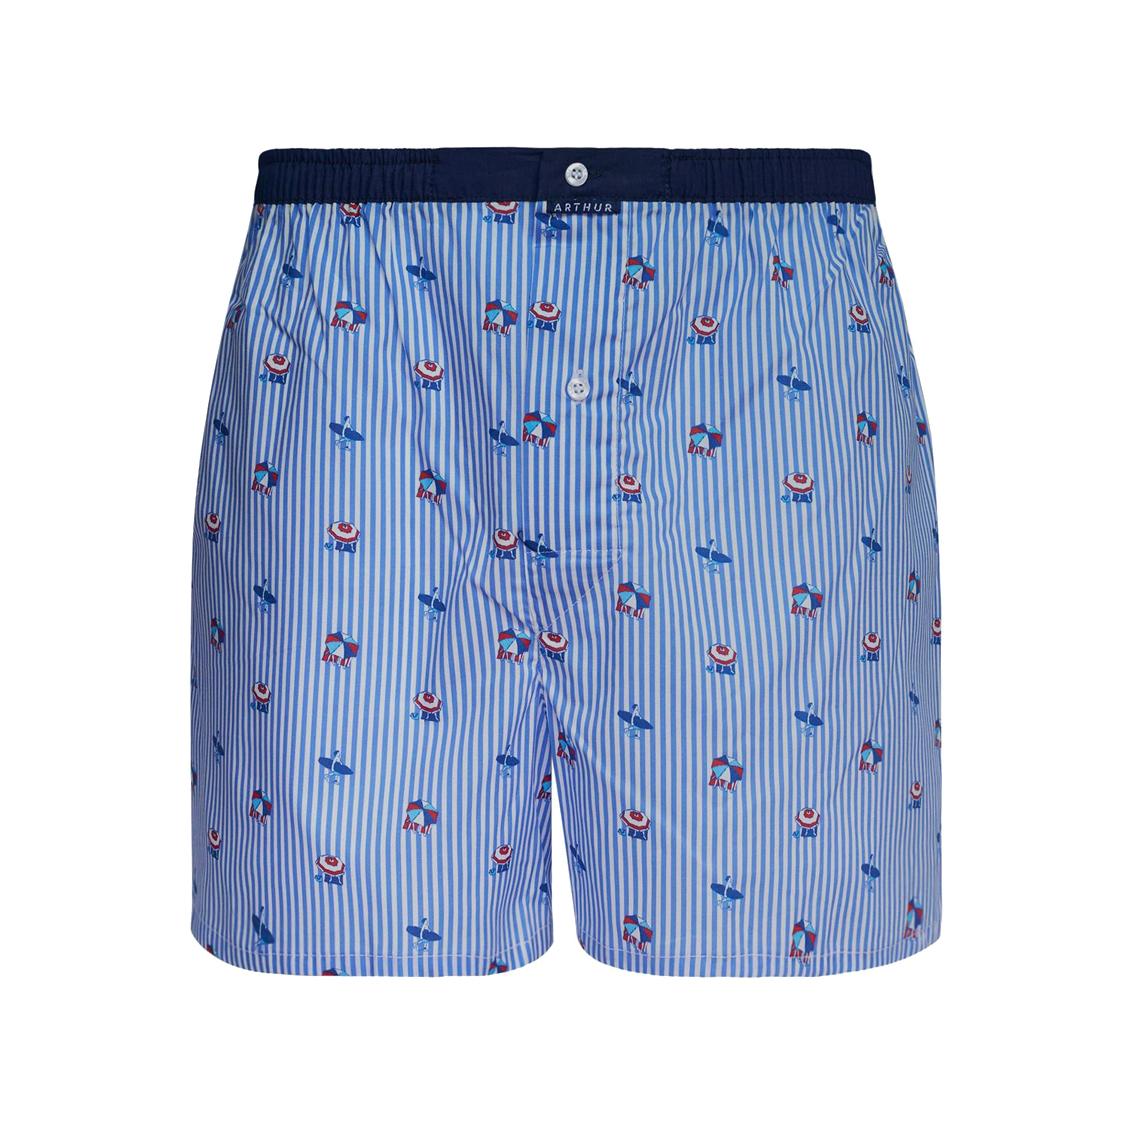 Caleçon coupe française  riviera en coton stretch à rayures blanches et bleues et motifs parasols et surfs